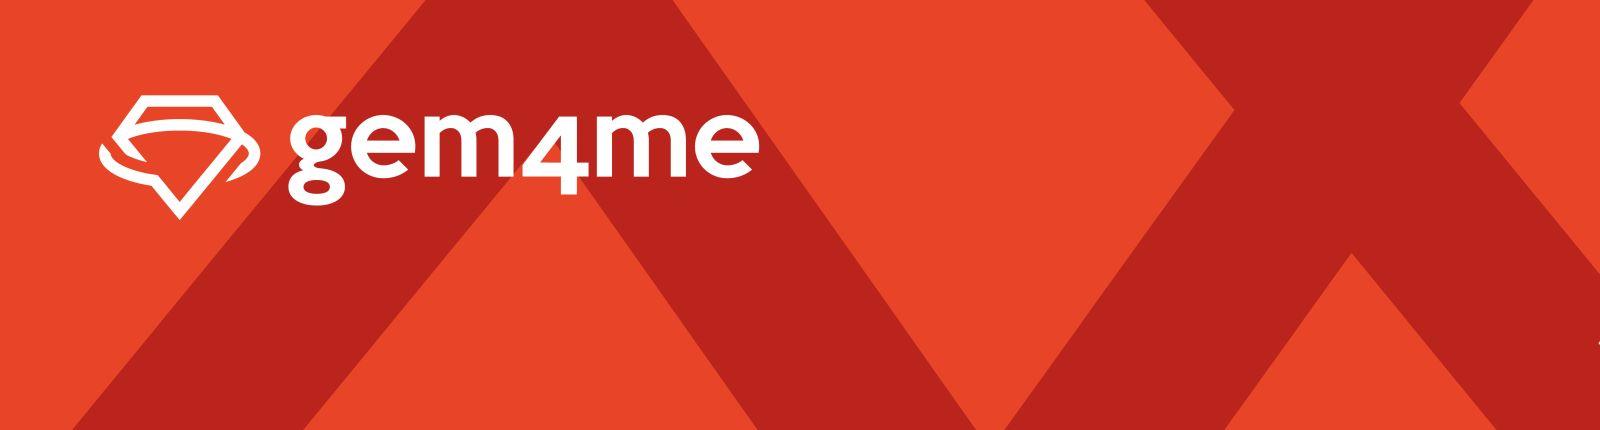 Gem4me